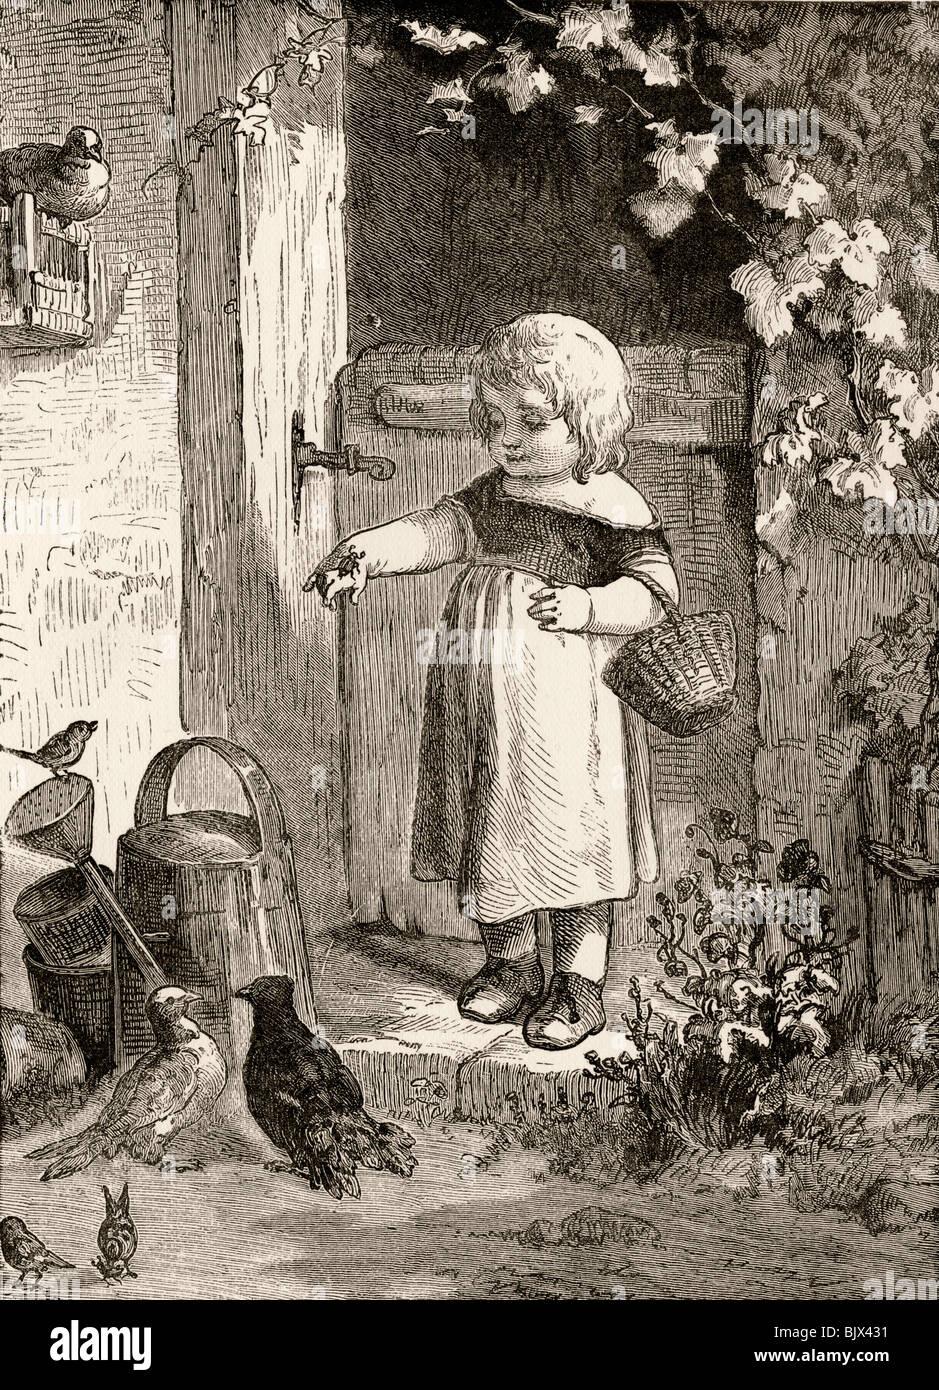 Beispiel für Buchillustration des 19. Jahrhunderts Kinder. Kleines Mädchen mit Insekt auf ihre Hand in Stockbild